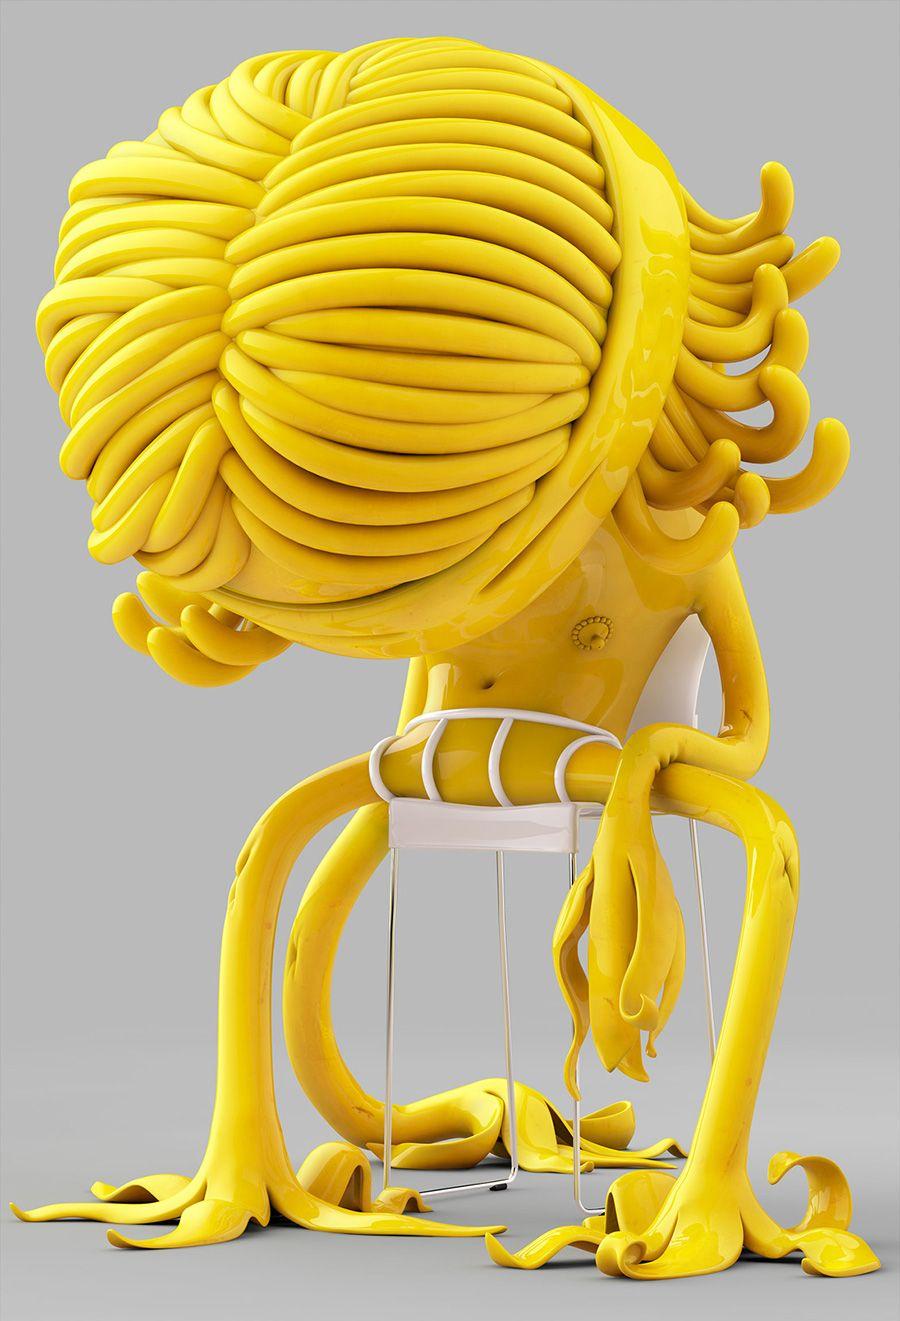 Los característicos y casi líquidos personajes renderizados del artista alemán Mark Gmehling.                          — MARK GMEHLING